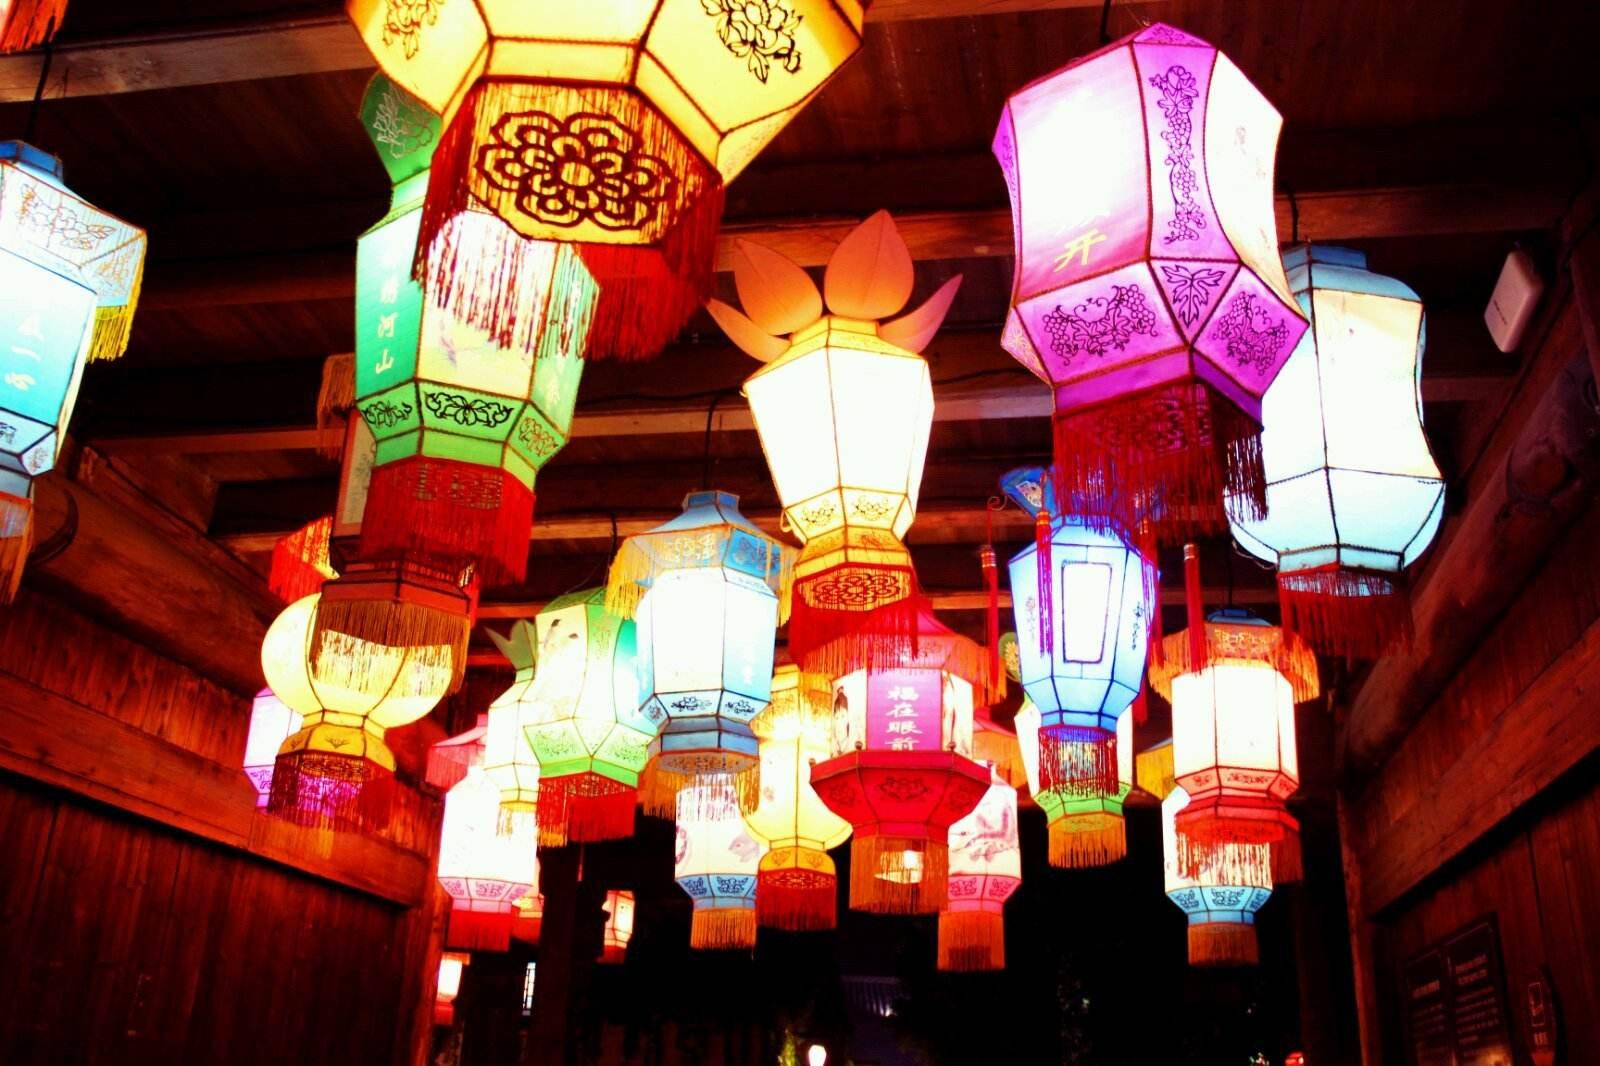 济宁元宵节民俗灯会暨焰火晚会3月2日举行 部分路段交通管制